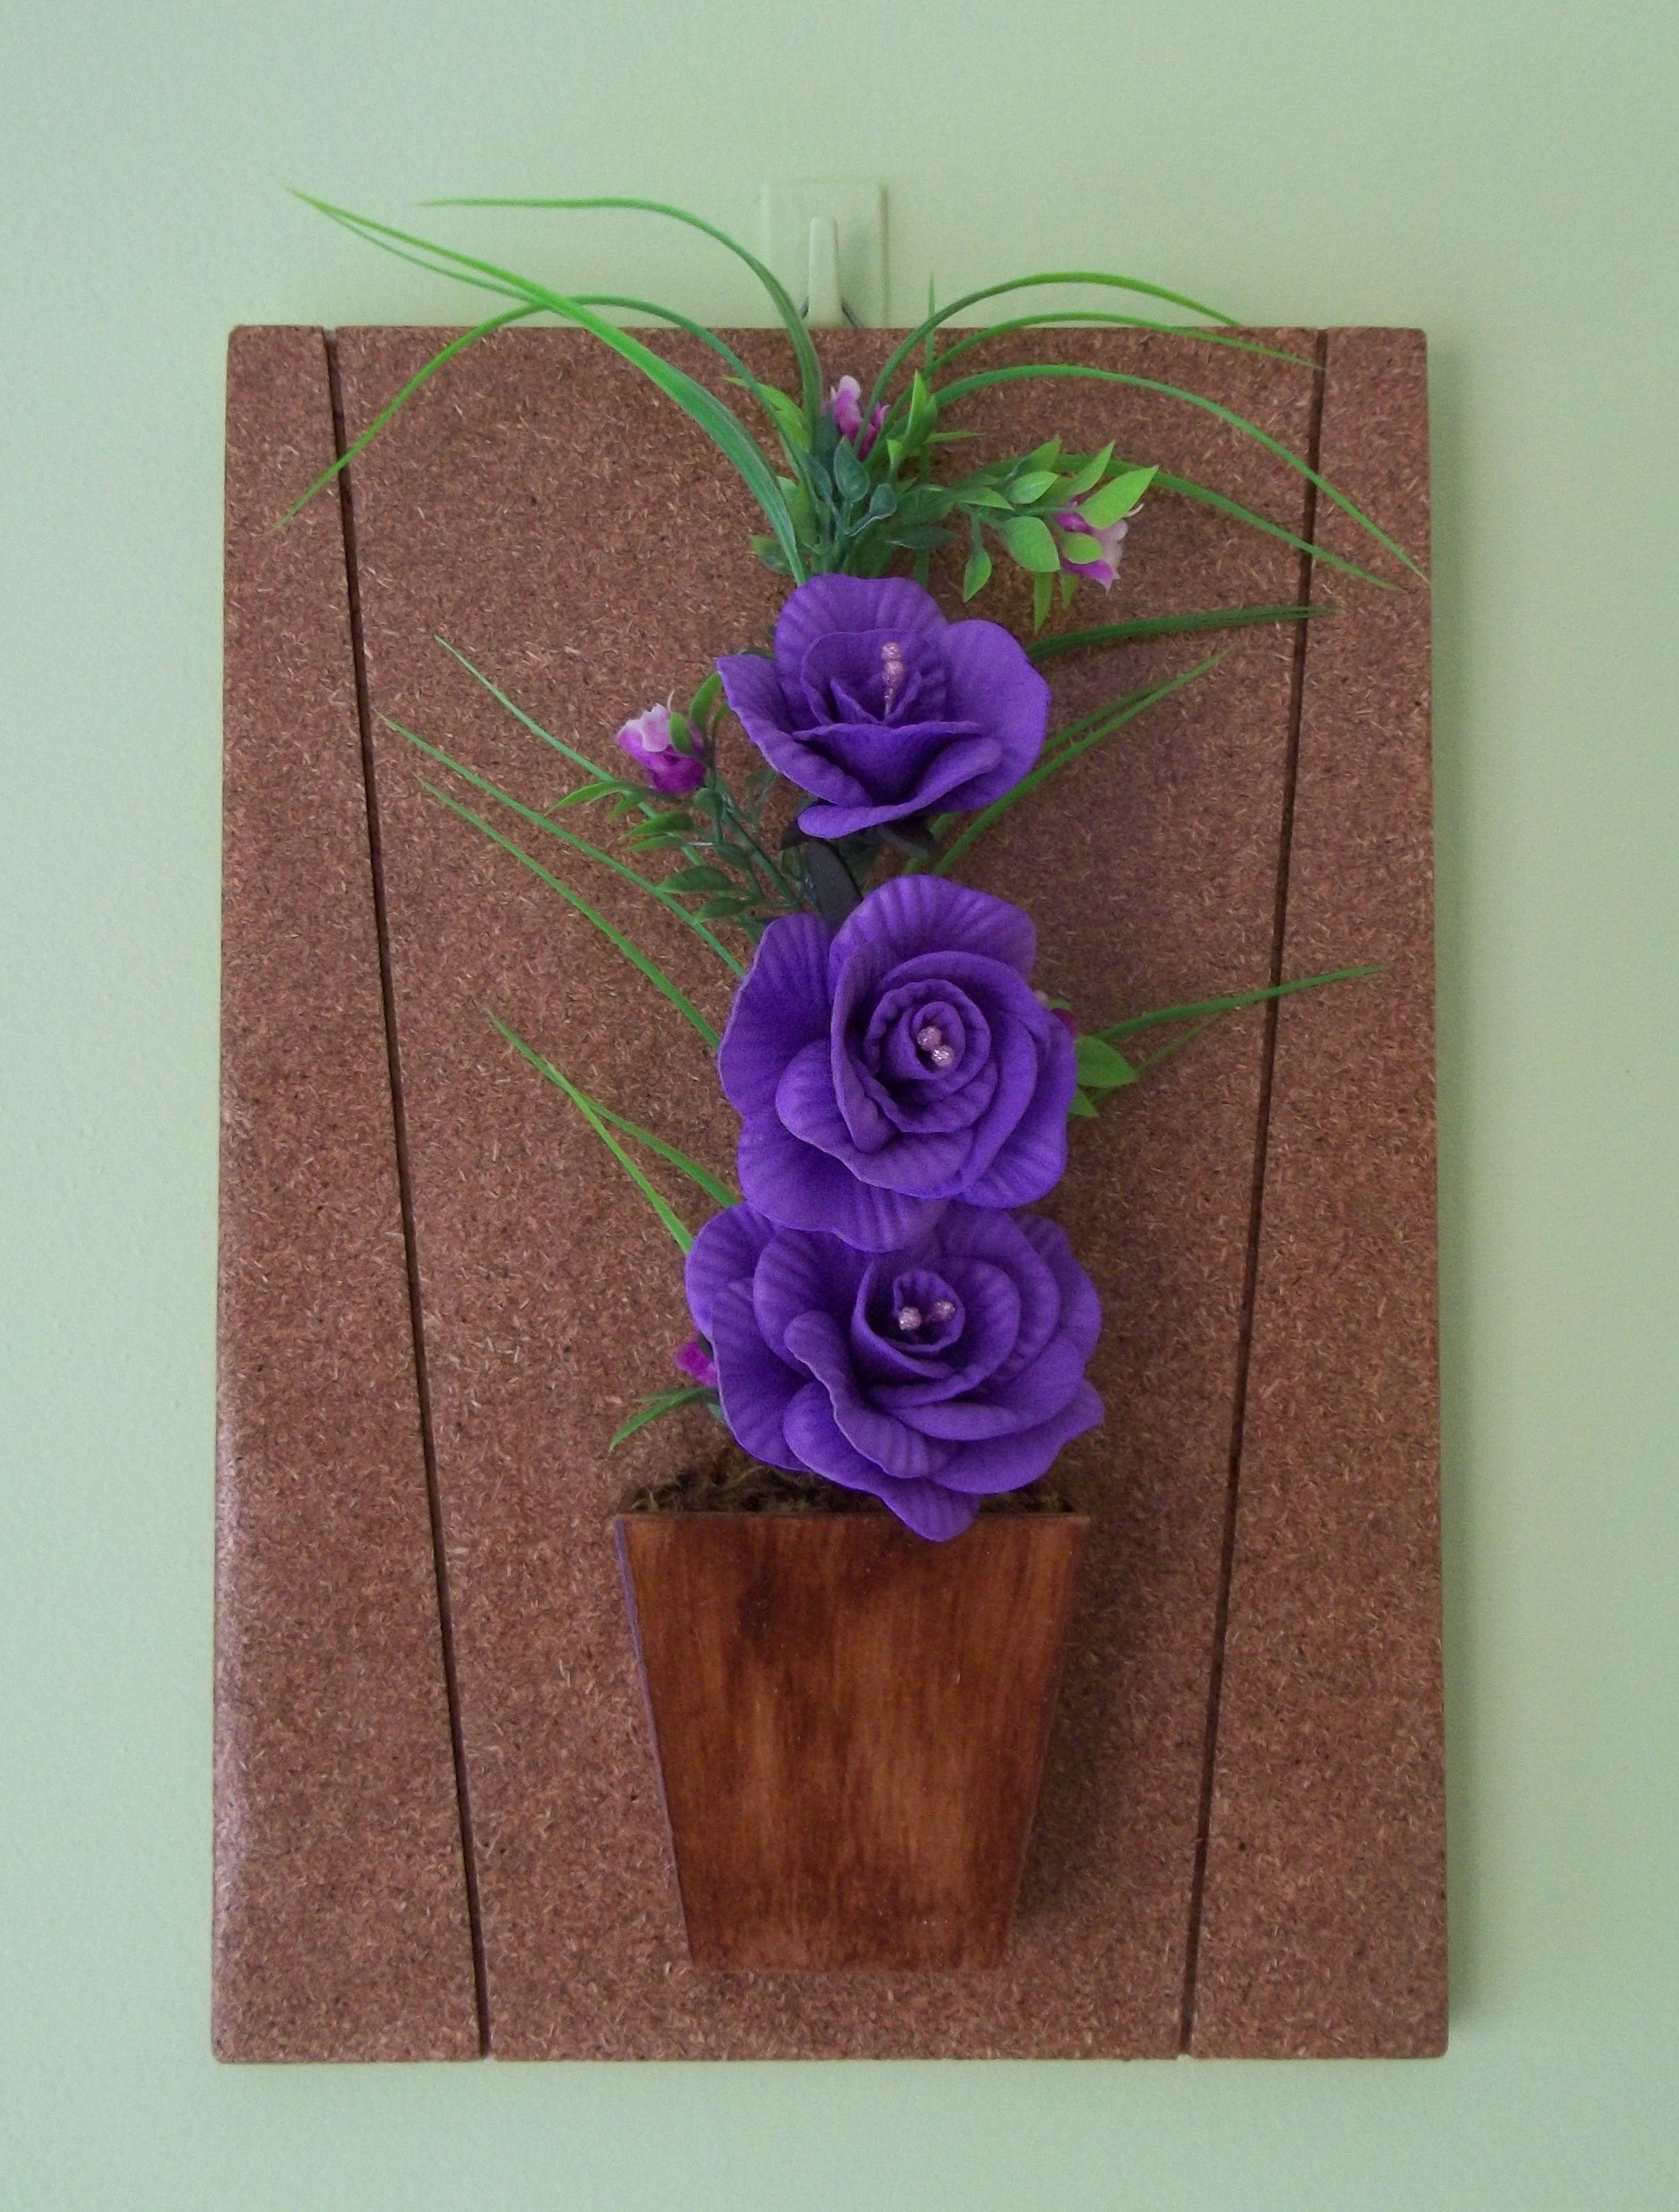 Quadro com arranjo de flores em eva id ias e cores decor for Mural de isopor e eva